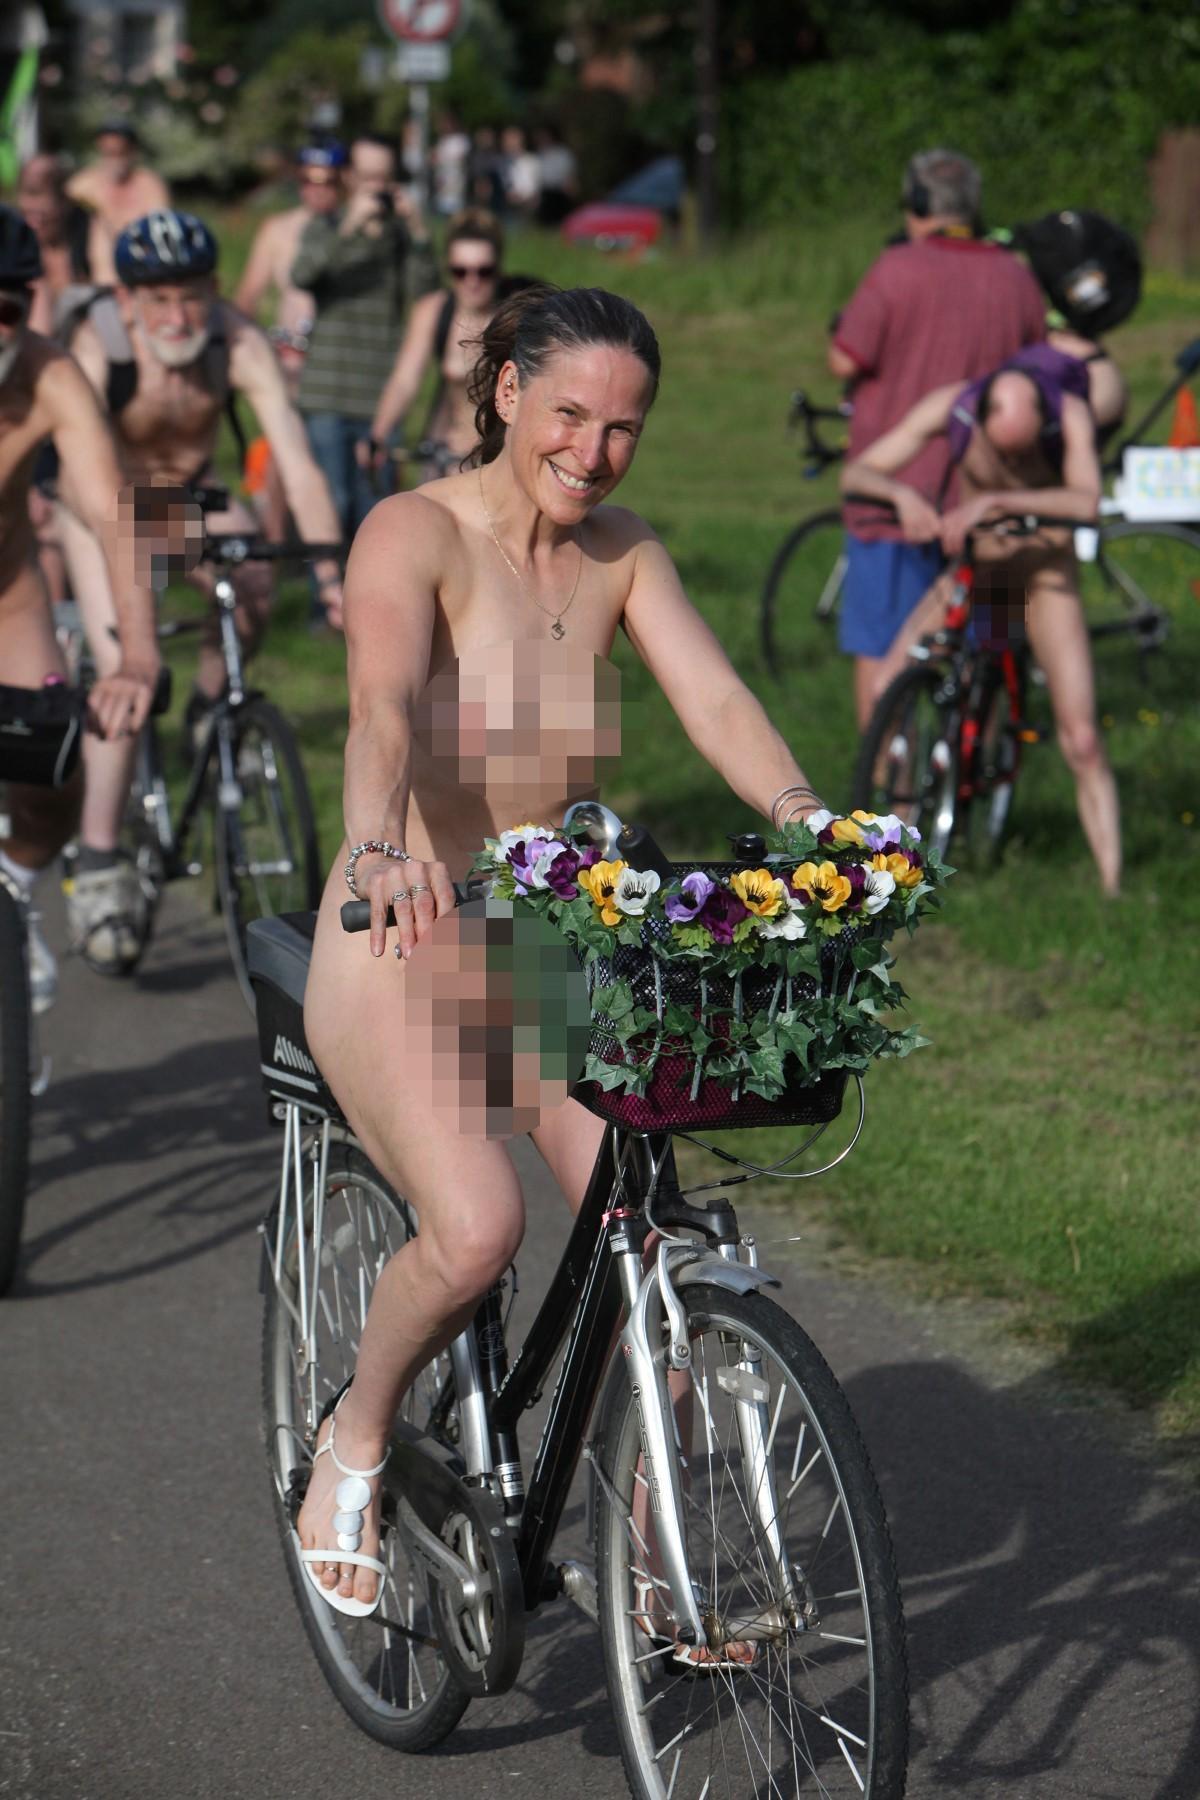 Nude bike ride pics, verey youngist herdcoor porn